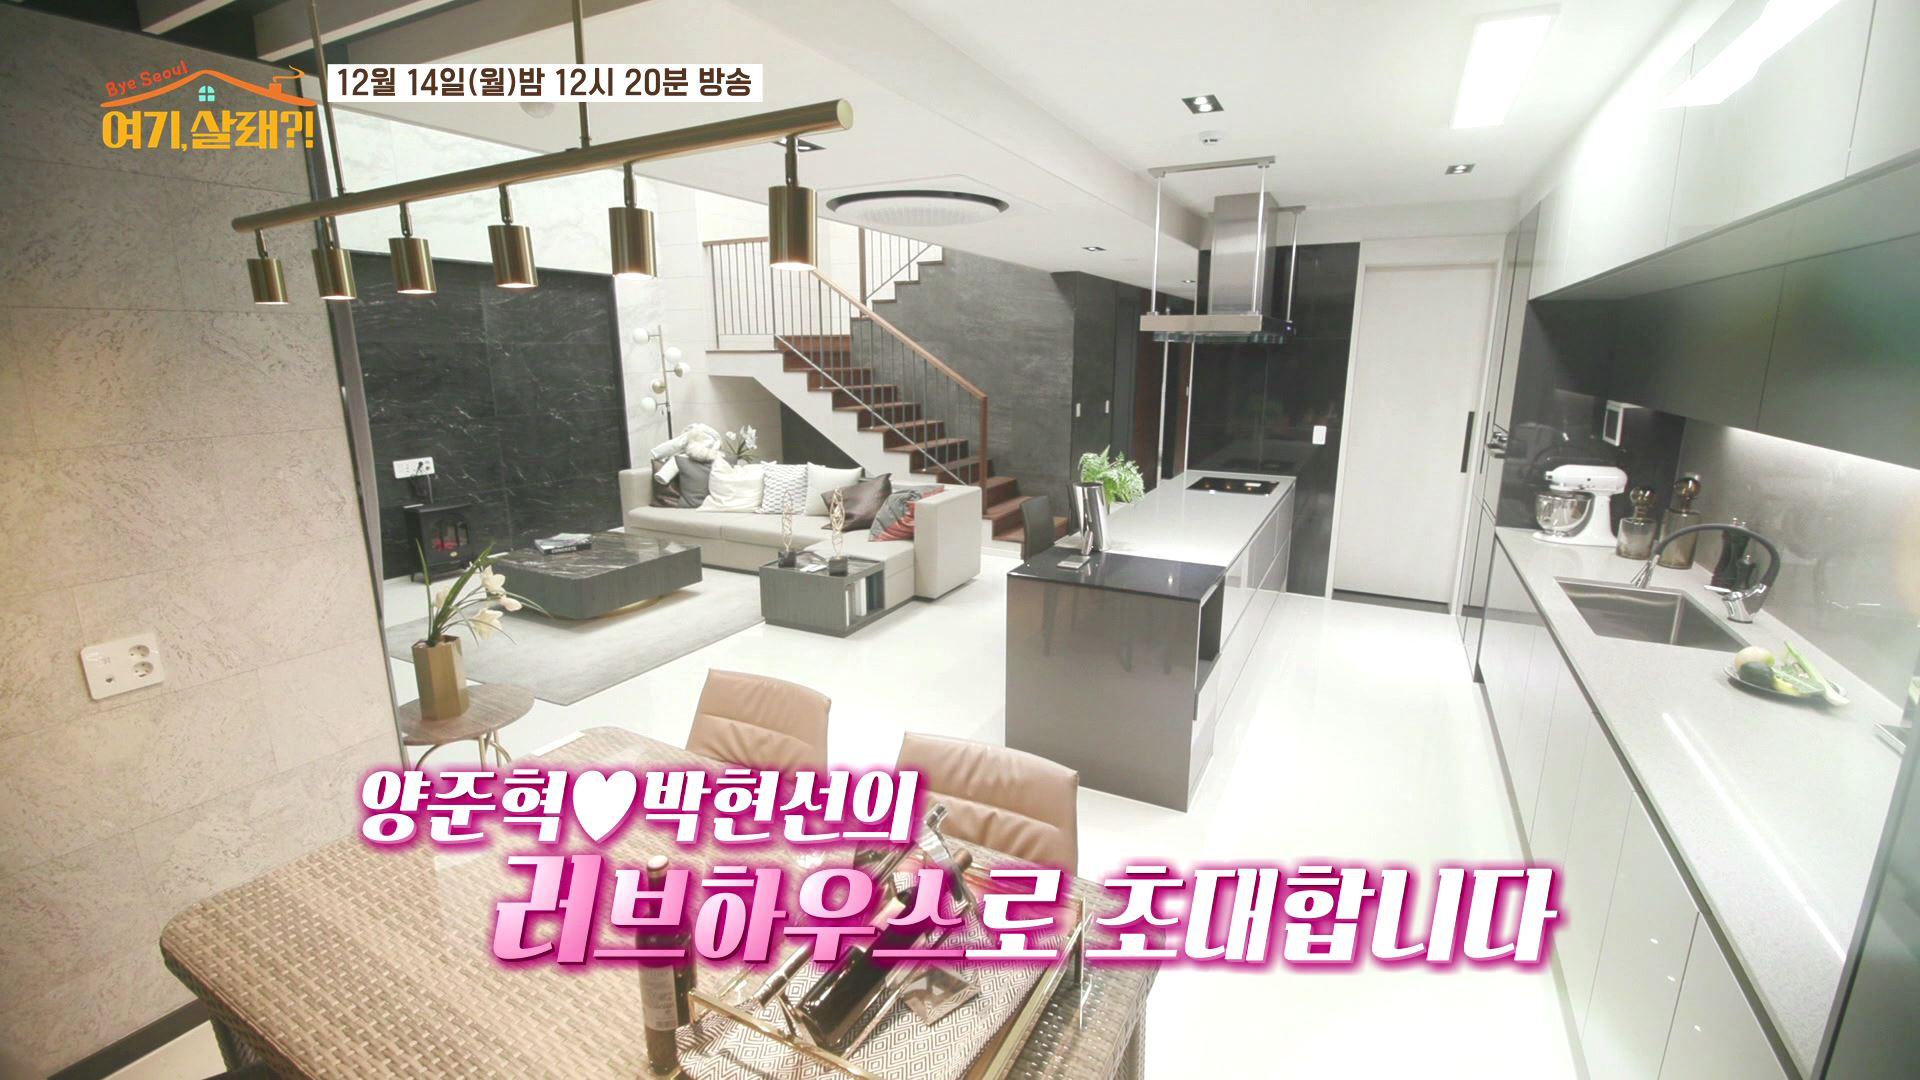 [예고] 결혼 준비의 최대 관문, 신혼집 구하기! 양준혁♥박현선의 러브하우스는? 이미지